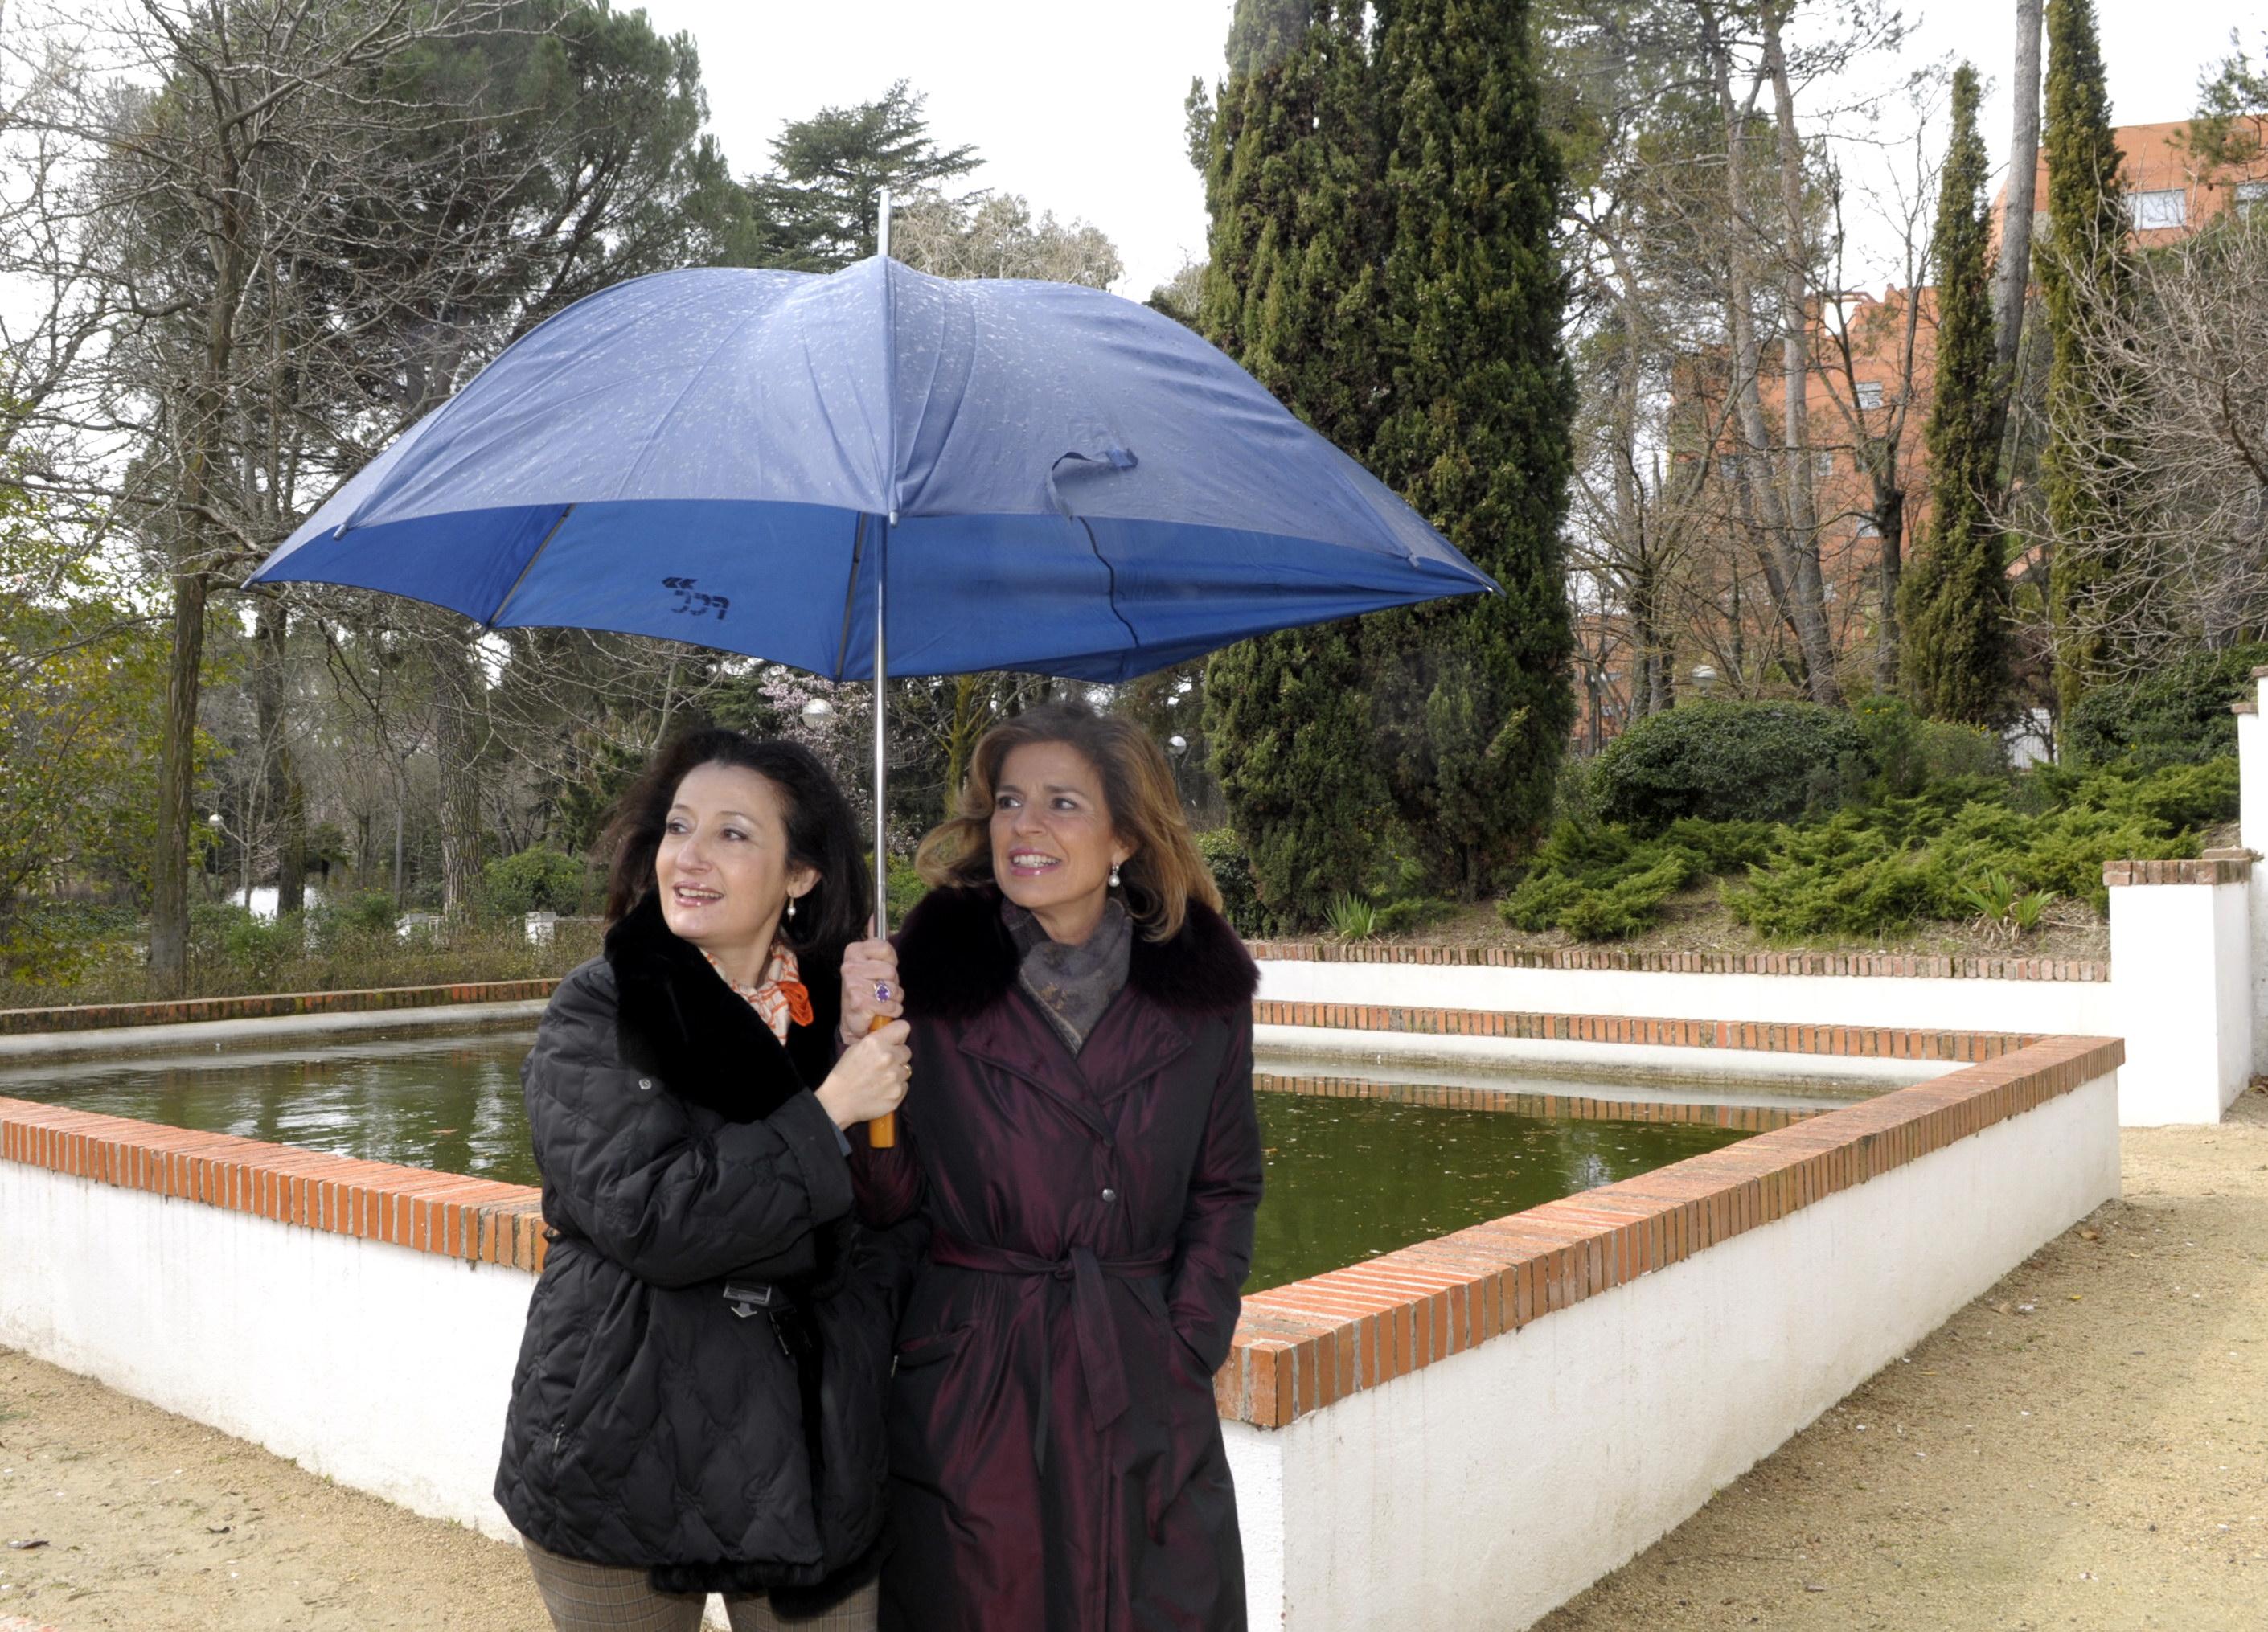 La quinta recupera sus molinos hist ricos ayuntamiento for Piso quinta de los molinos